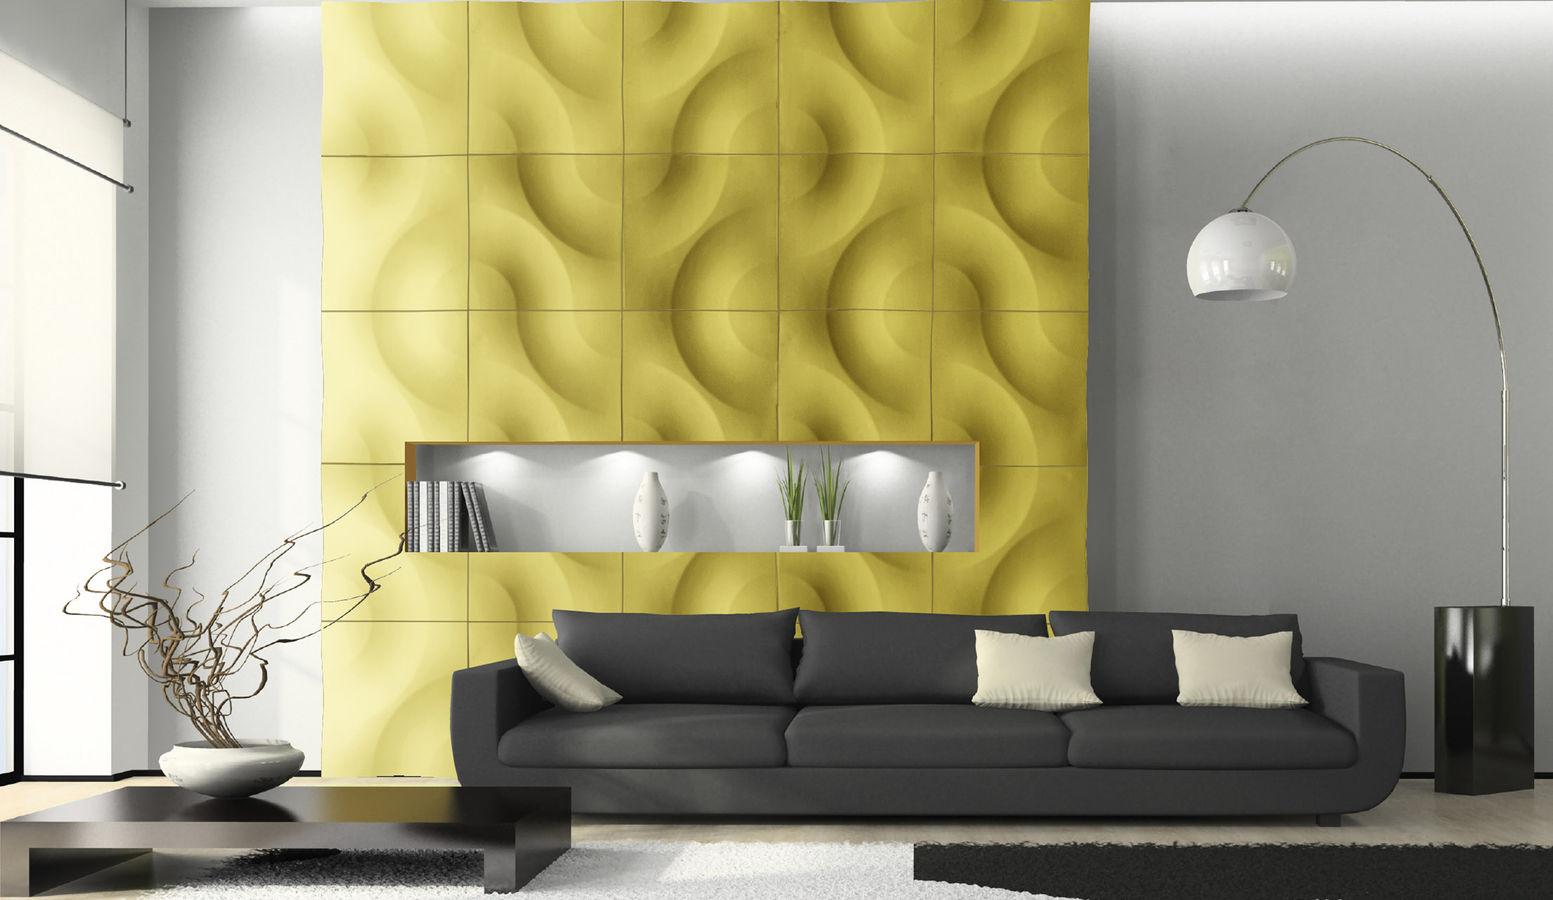 Gelbe Wand  20 Ideen fr gelbe Farbgestaltung  fresHouse